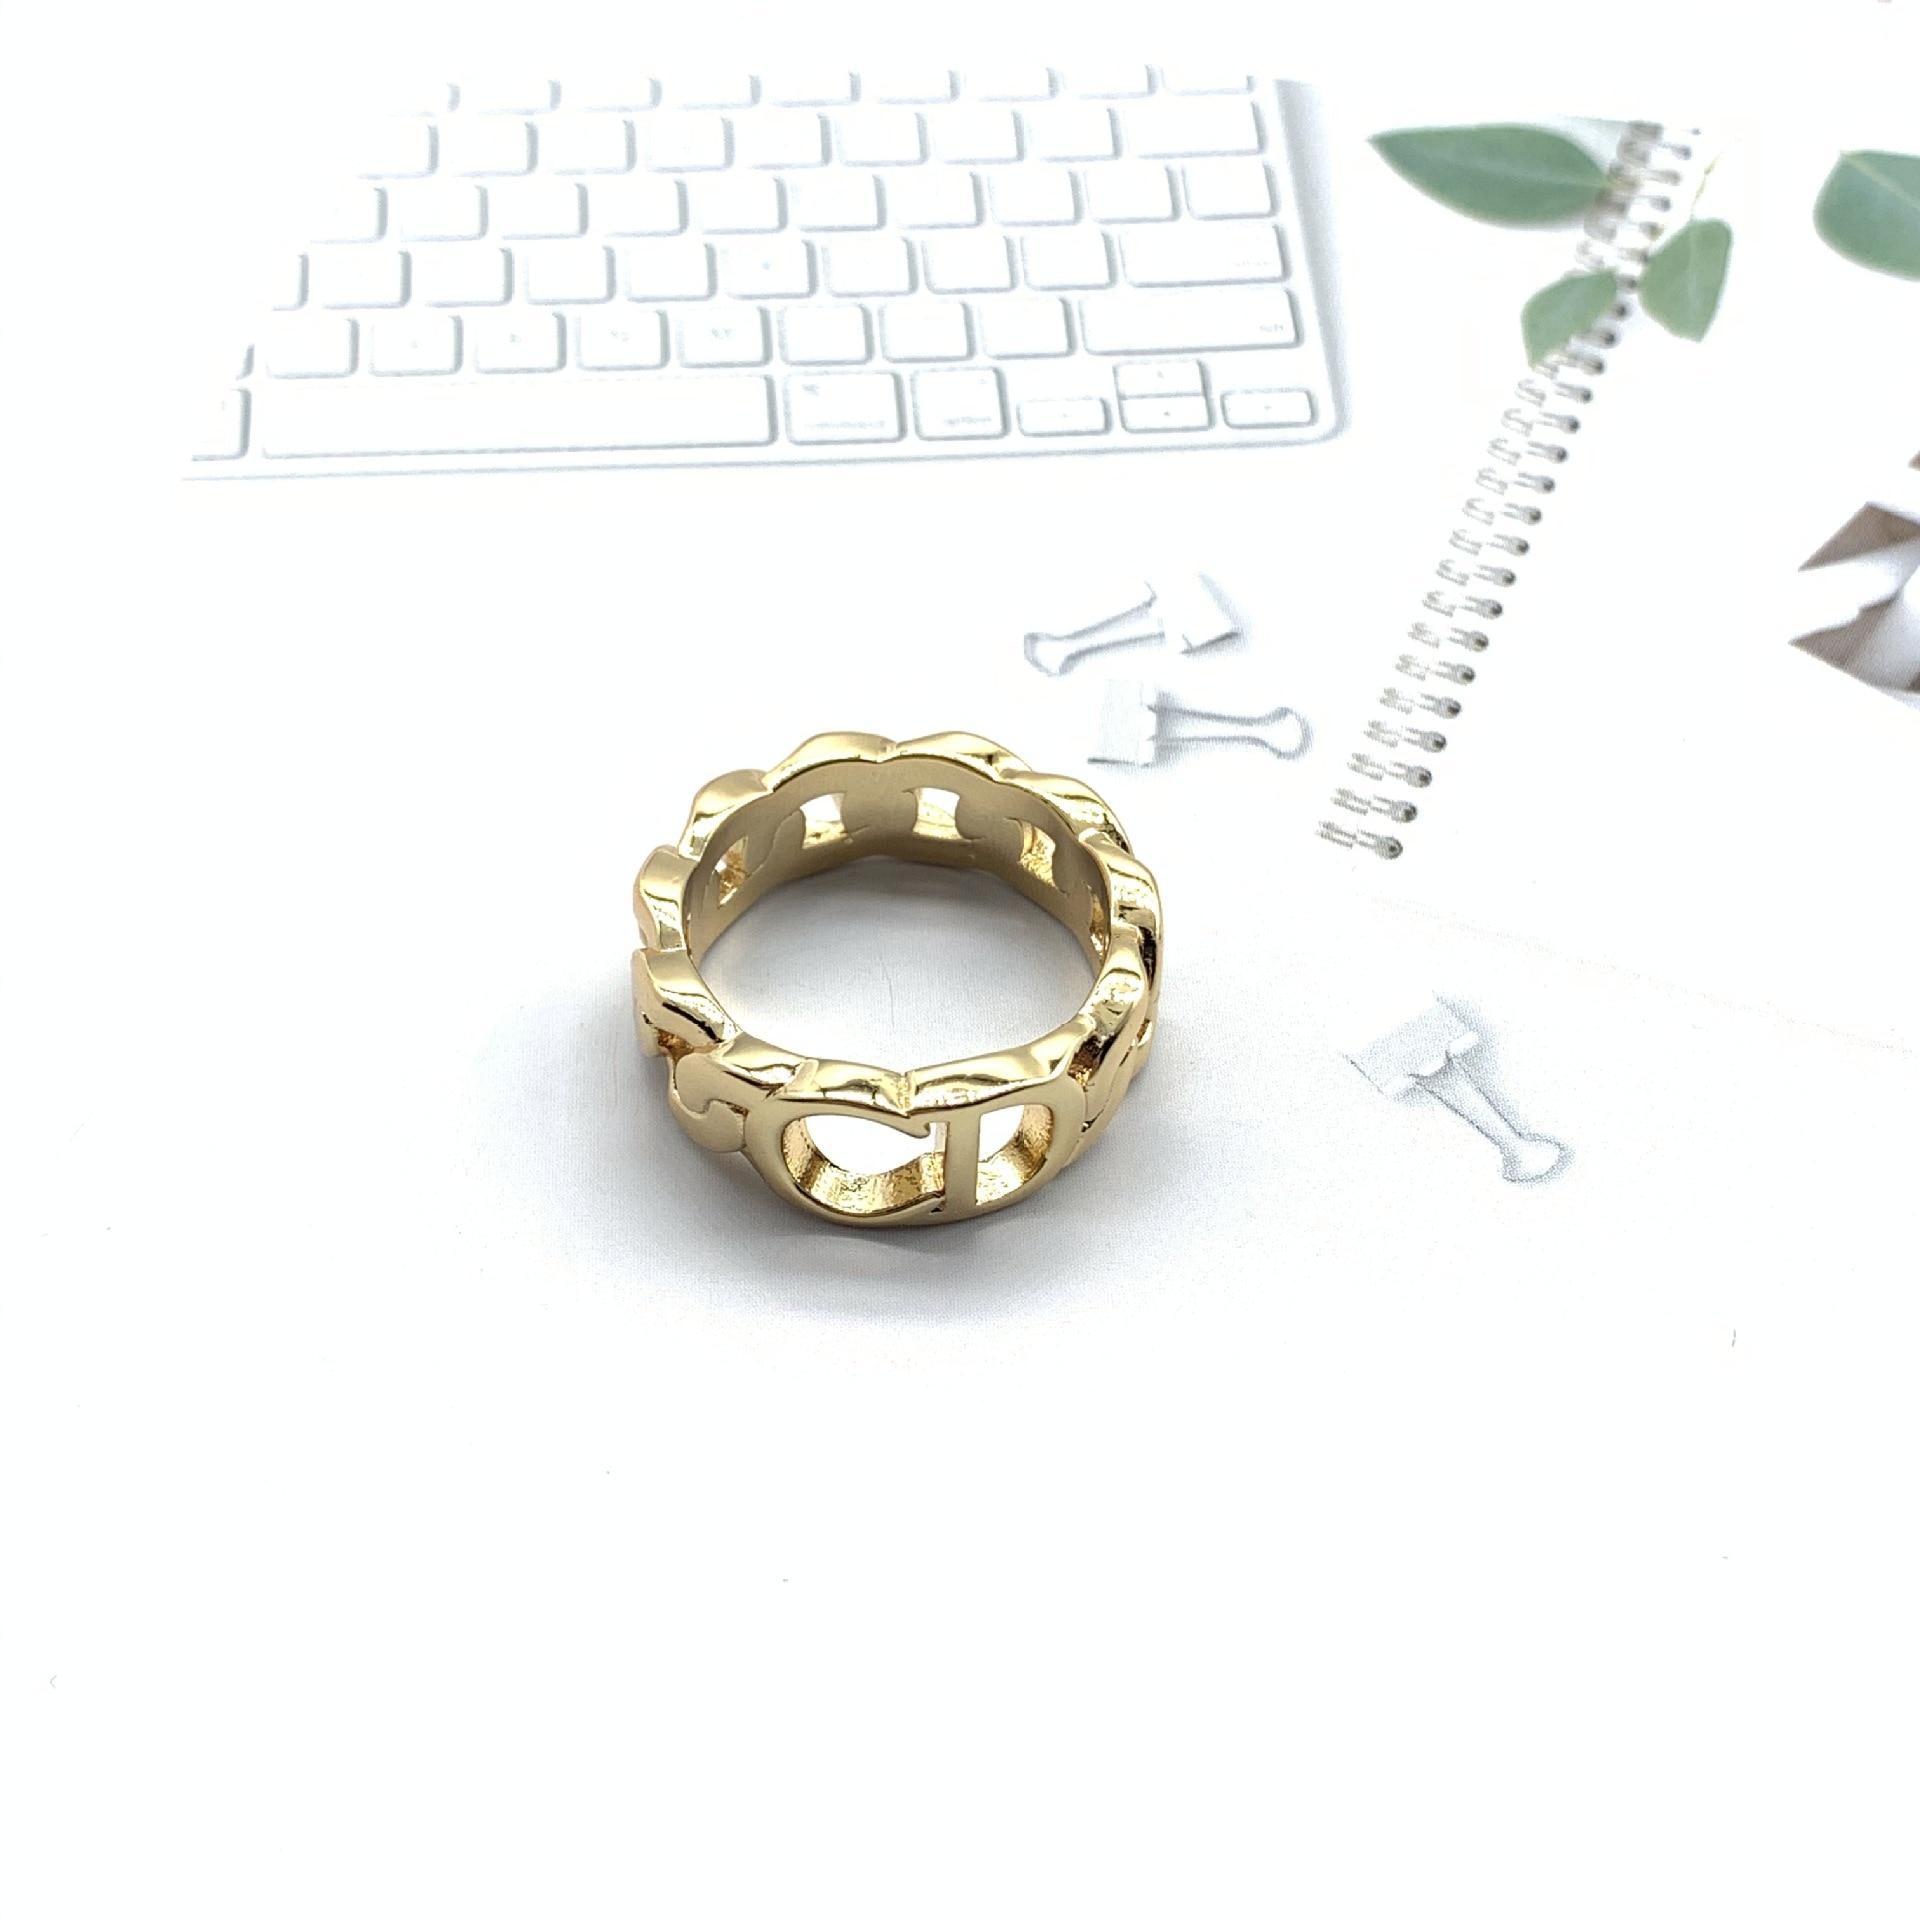 Кольцо с буквой CD в стиле ретро, классическое темпераментное кольцо в популярном стиле для веб-знаменитостей